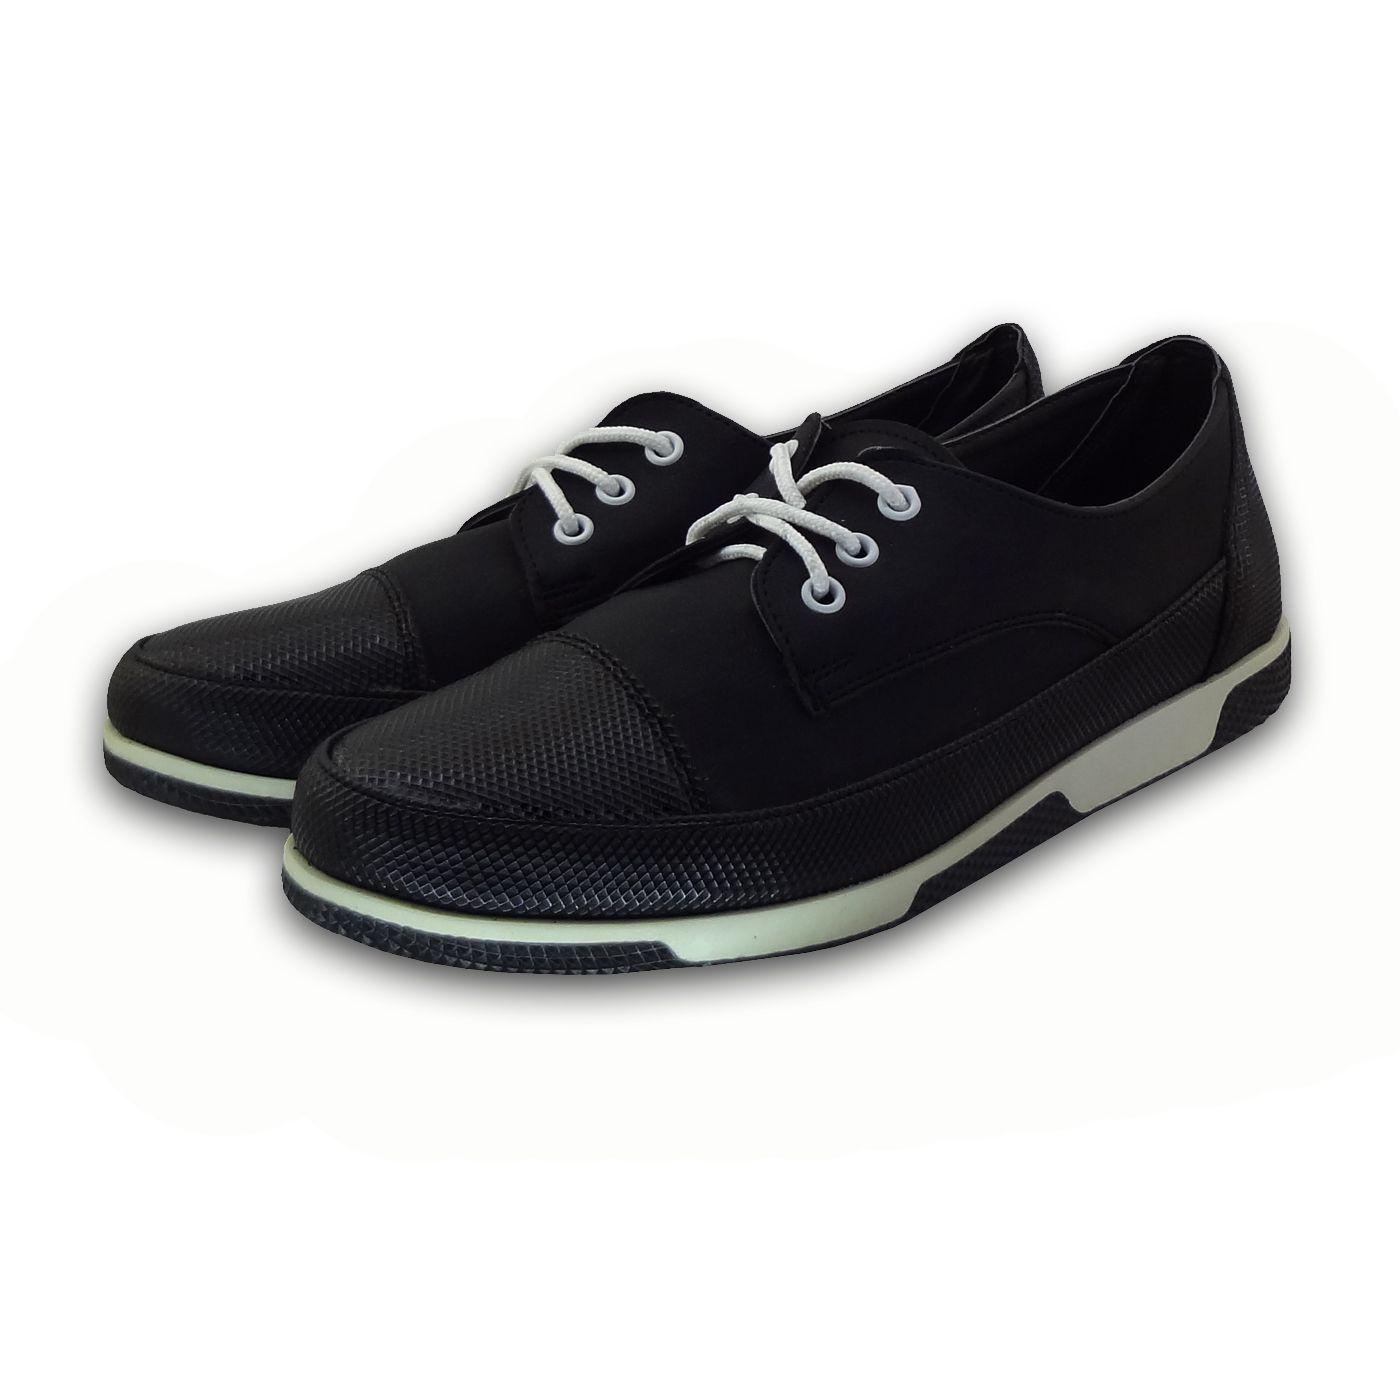 کفش روزمره زنانه ربل مدل RB-663 -  - 3